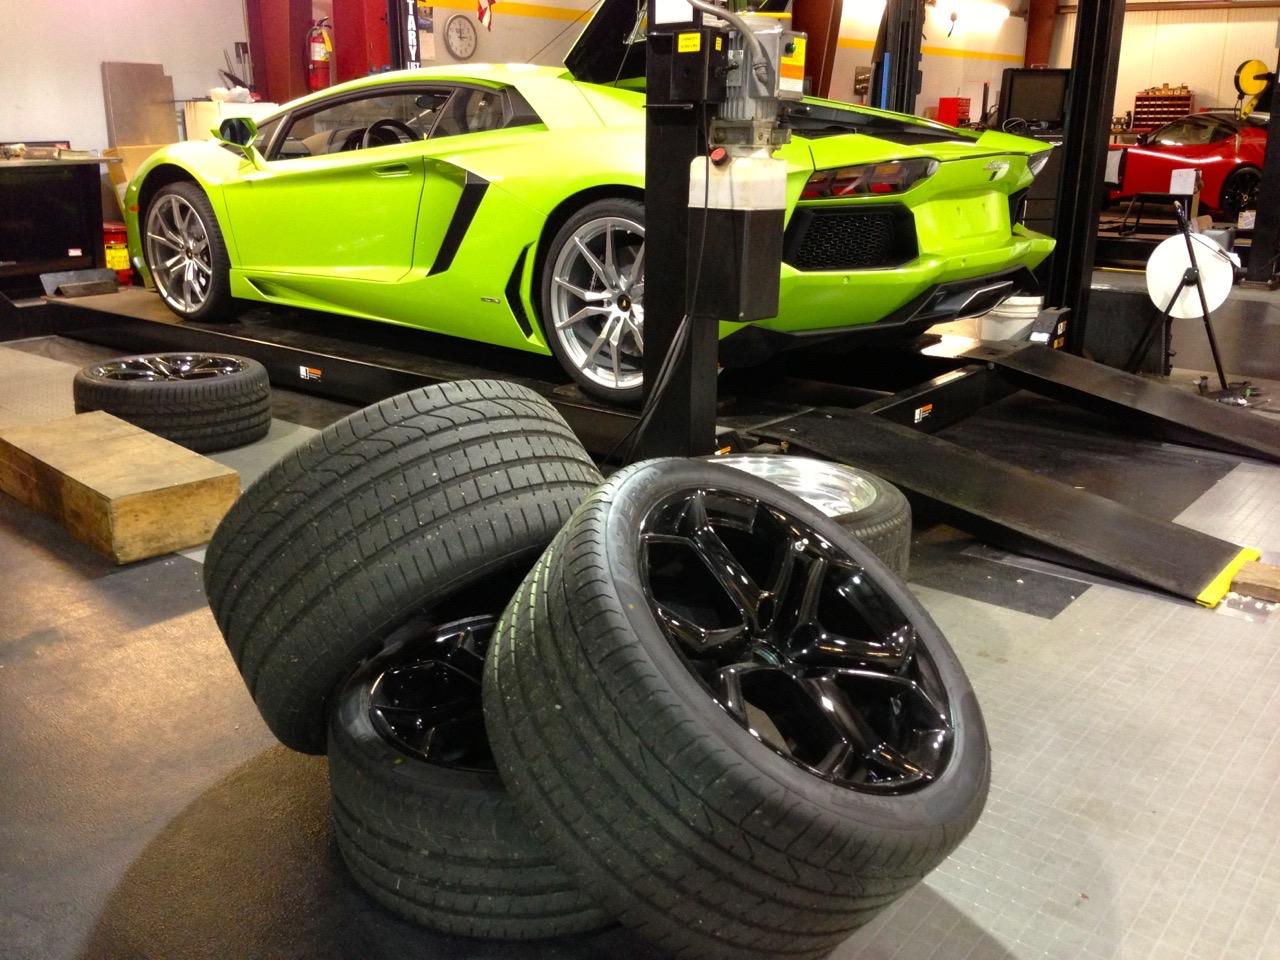 Parlons peu, parlons pneu... 9